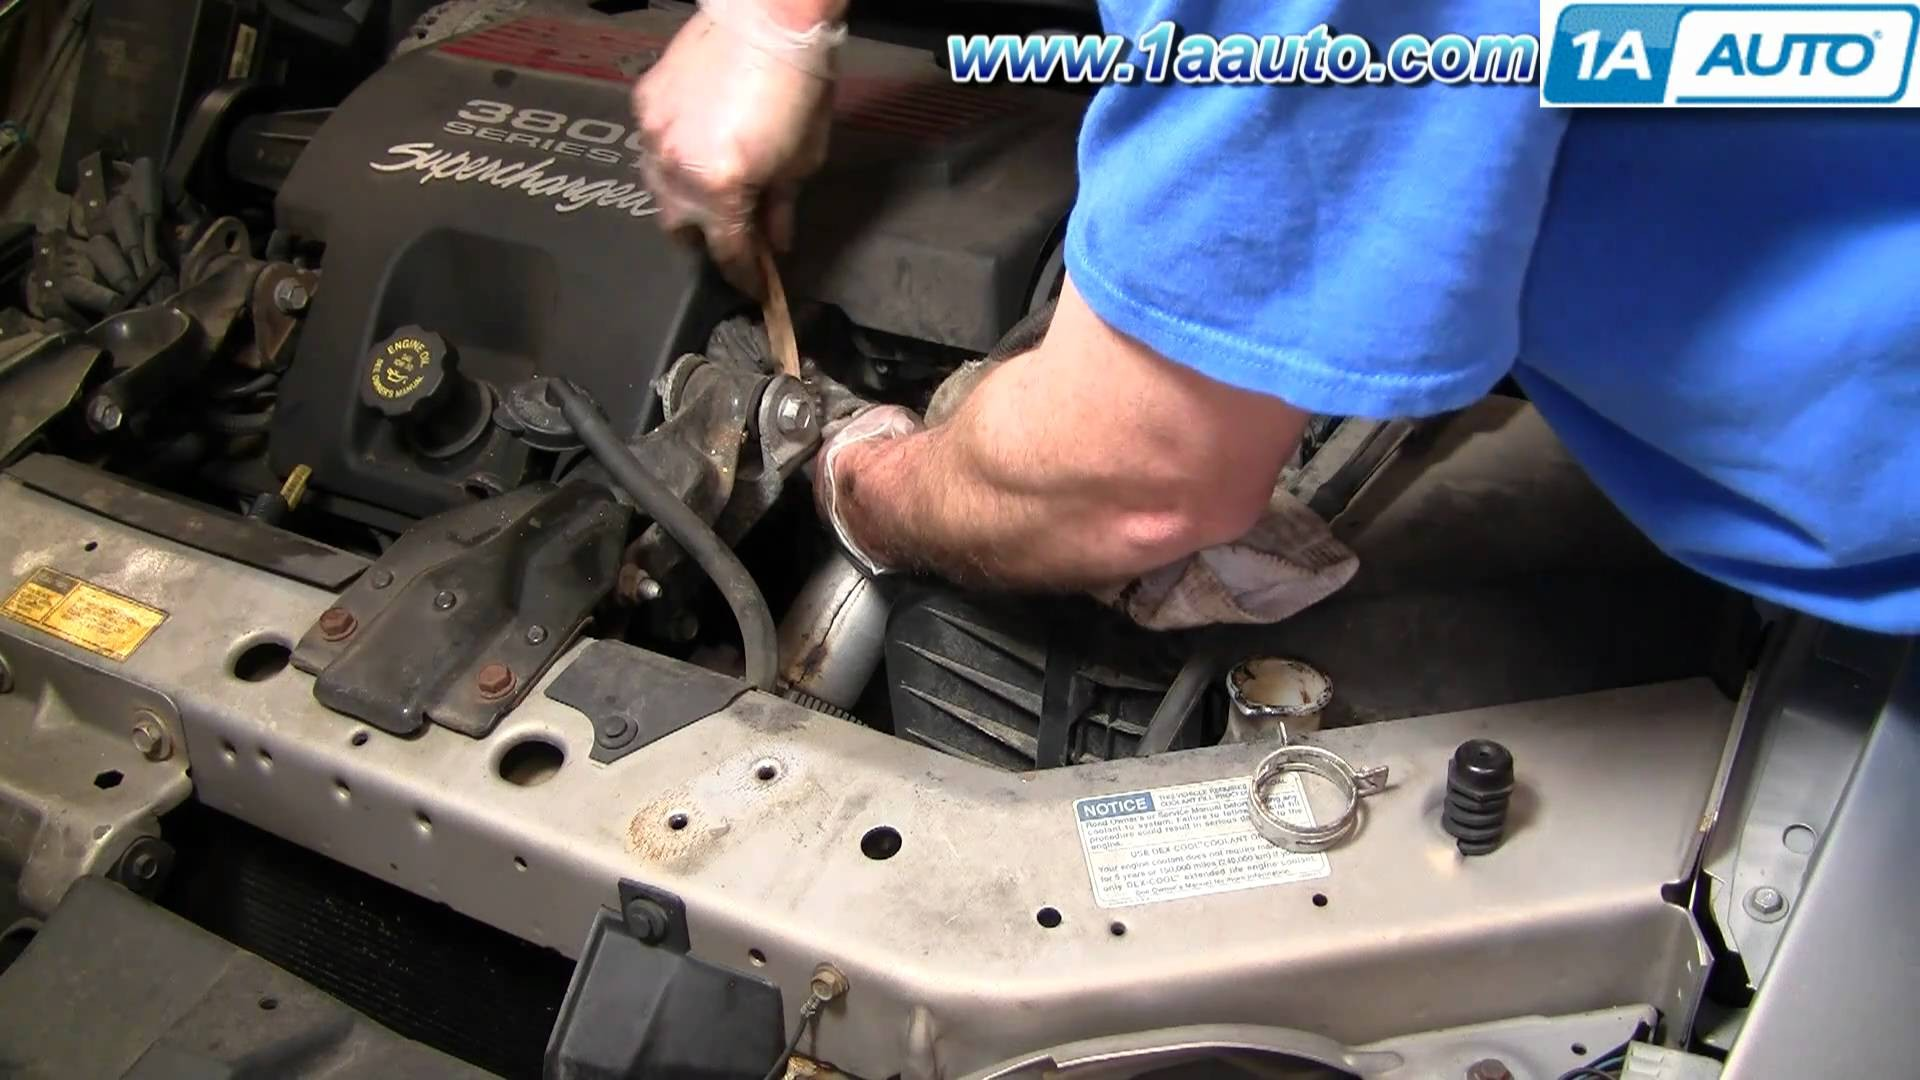 2005 Pontiac Grand Prix Engine Diagram How to Install Replace Upper Radiator Hose Grand Prix Regal Lumina Of 2005 Pontiac Grand Prix Engine Diagram